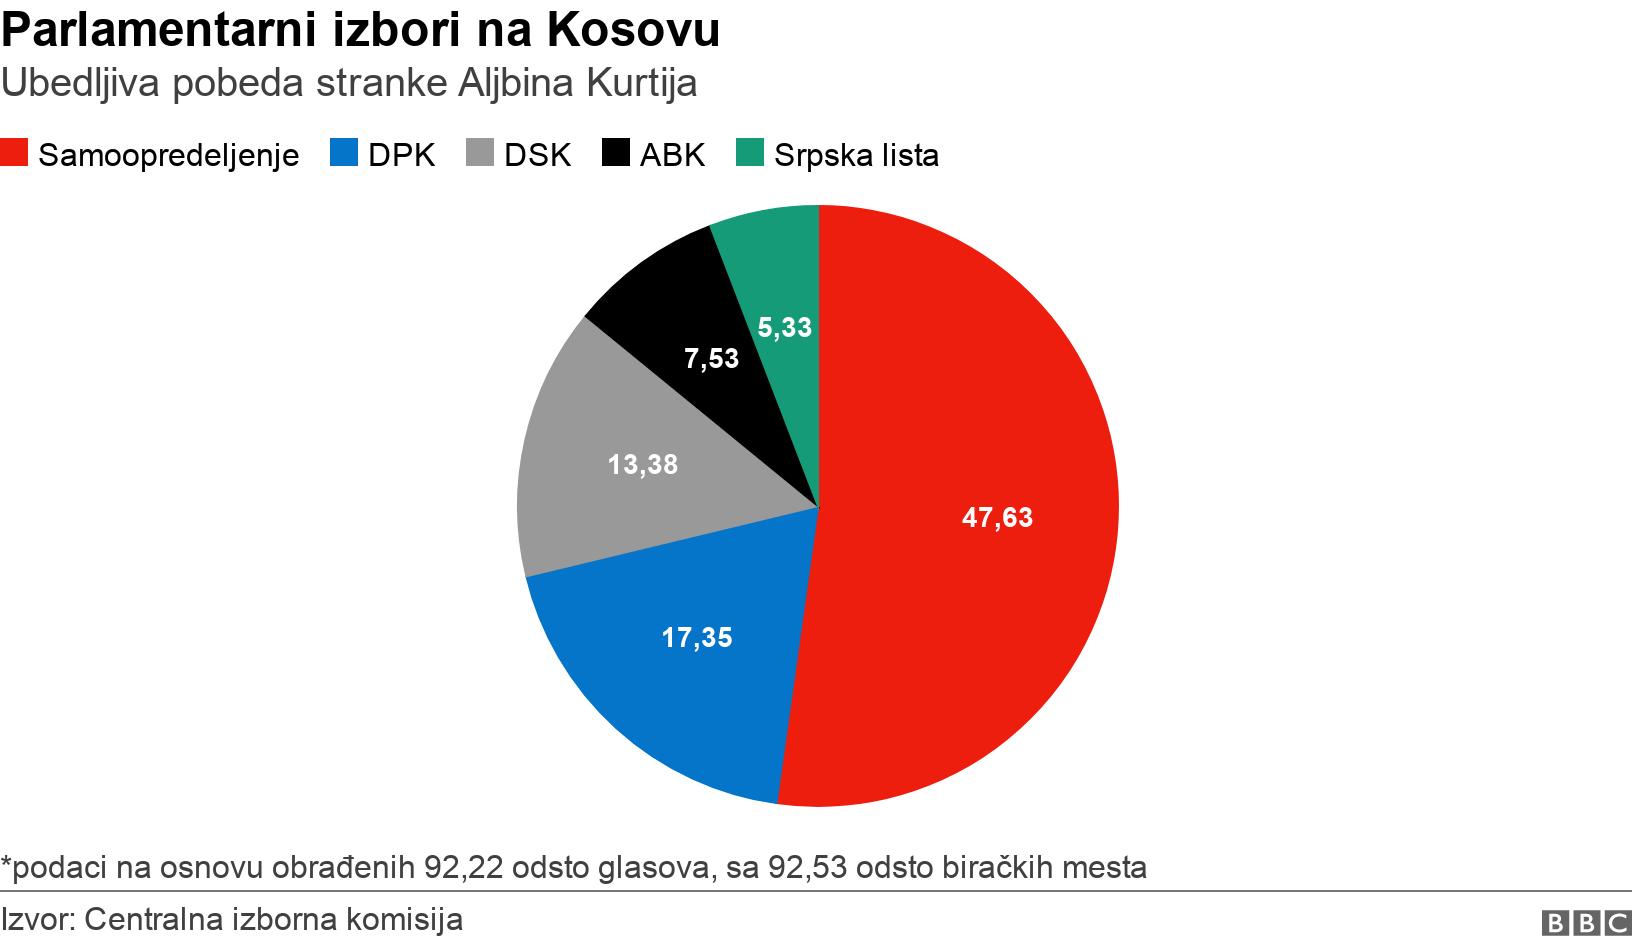 Parlamentarni izbori na Kosovu. Ubedljiva pobeda stranke Aljbina Kurtija. *podaci na osnovu obrađenih 92,22 odsto glasova, sa 92,53 odsto biračkih mesta.